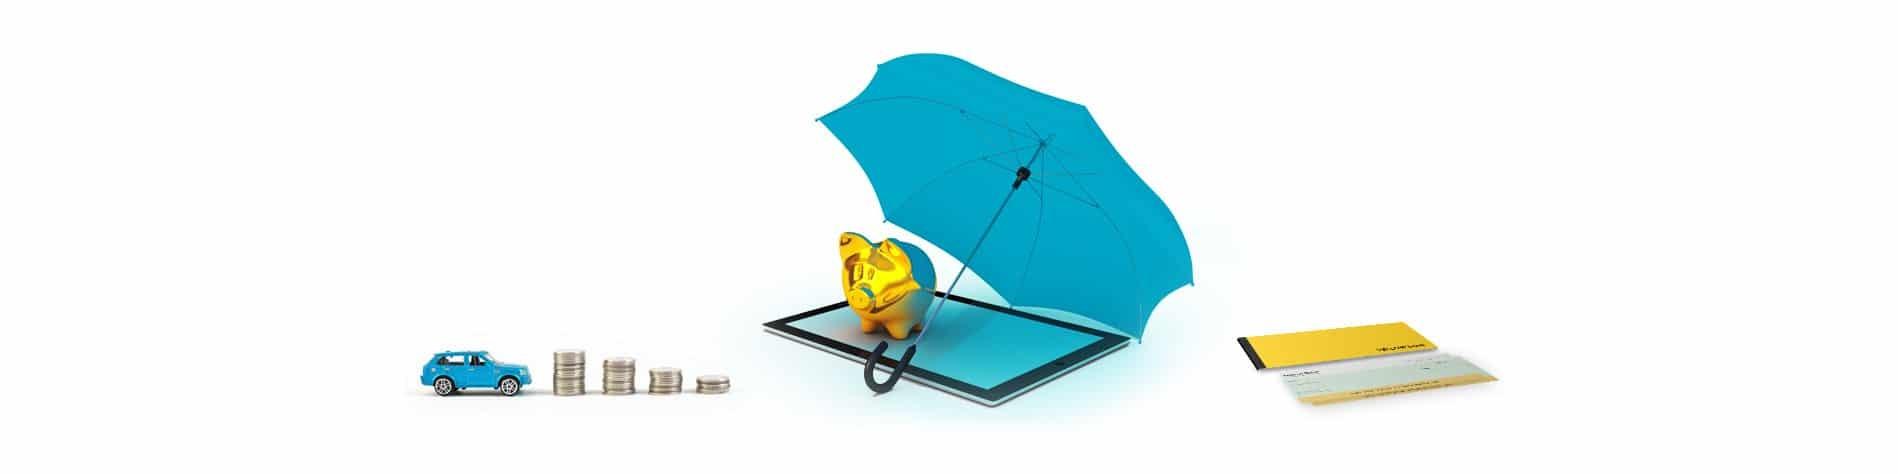 Wedia - Relevez les défis de la transformation digitale des services financiers avec une solution de DAM